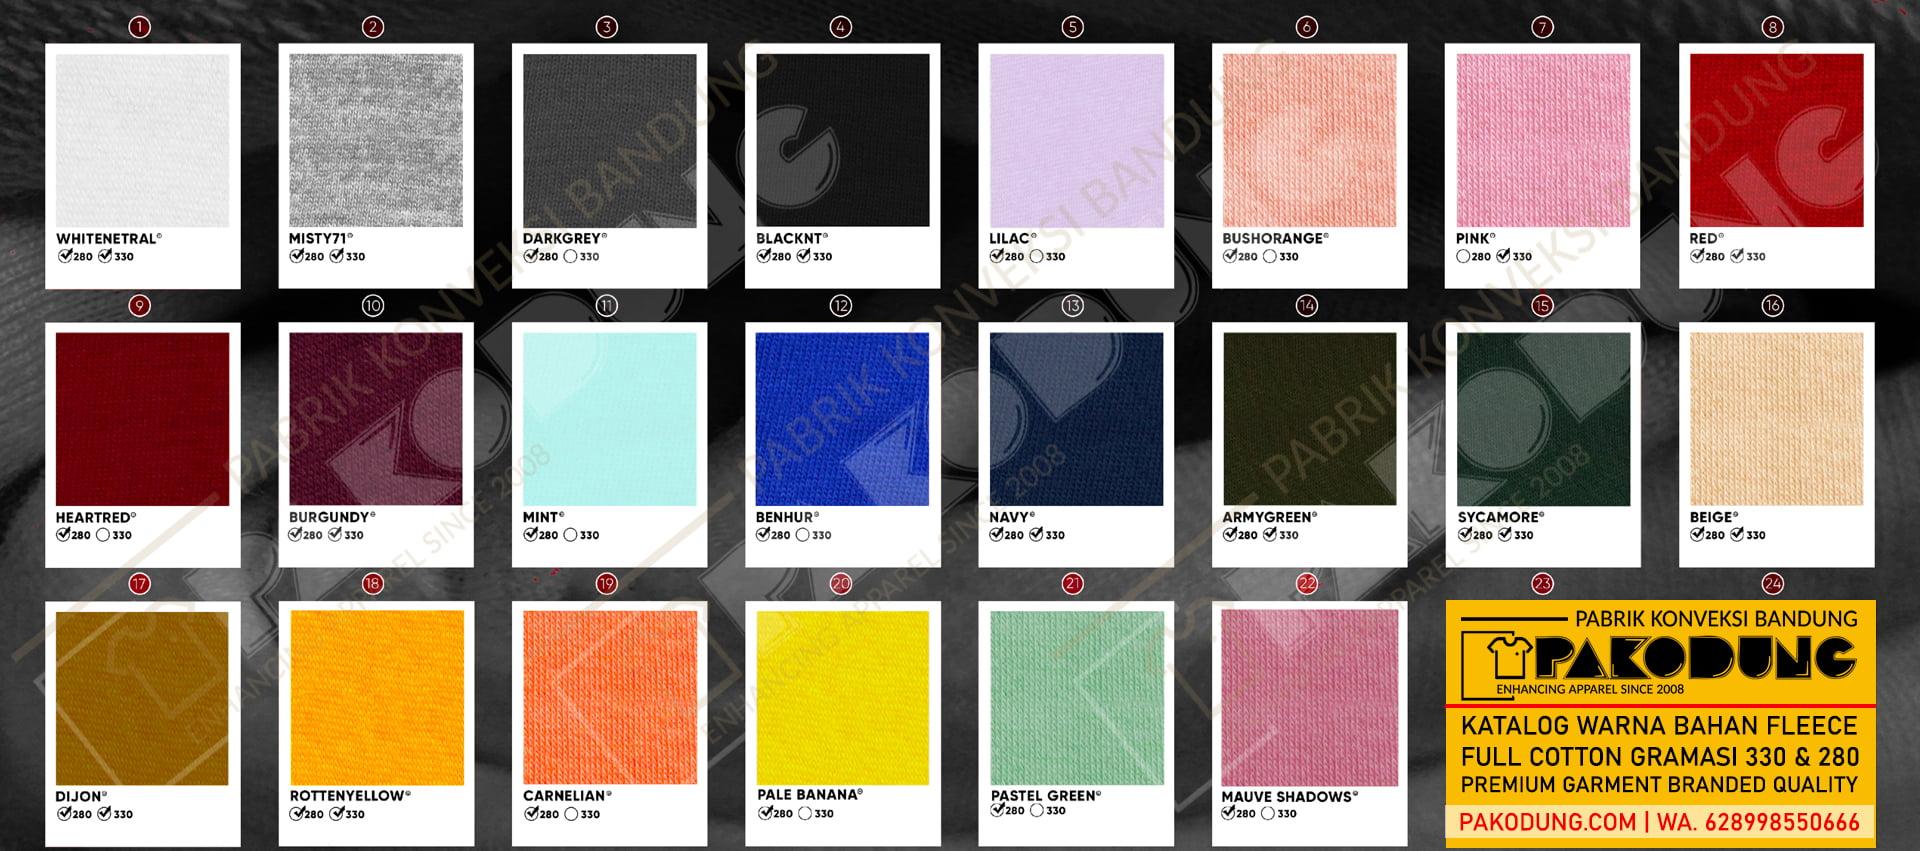 katalog warna bahan fleece full cotton premium gramasi 330 dan 280